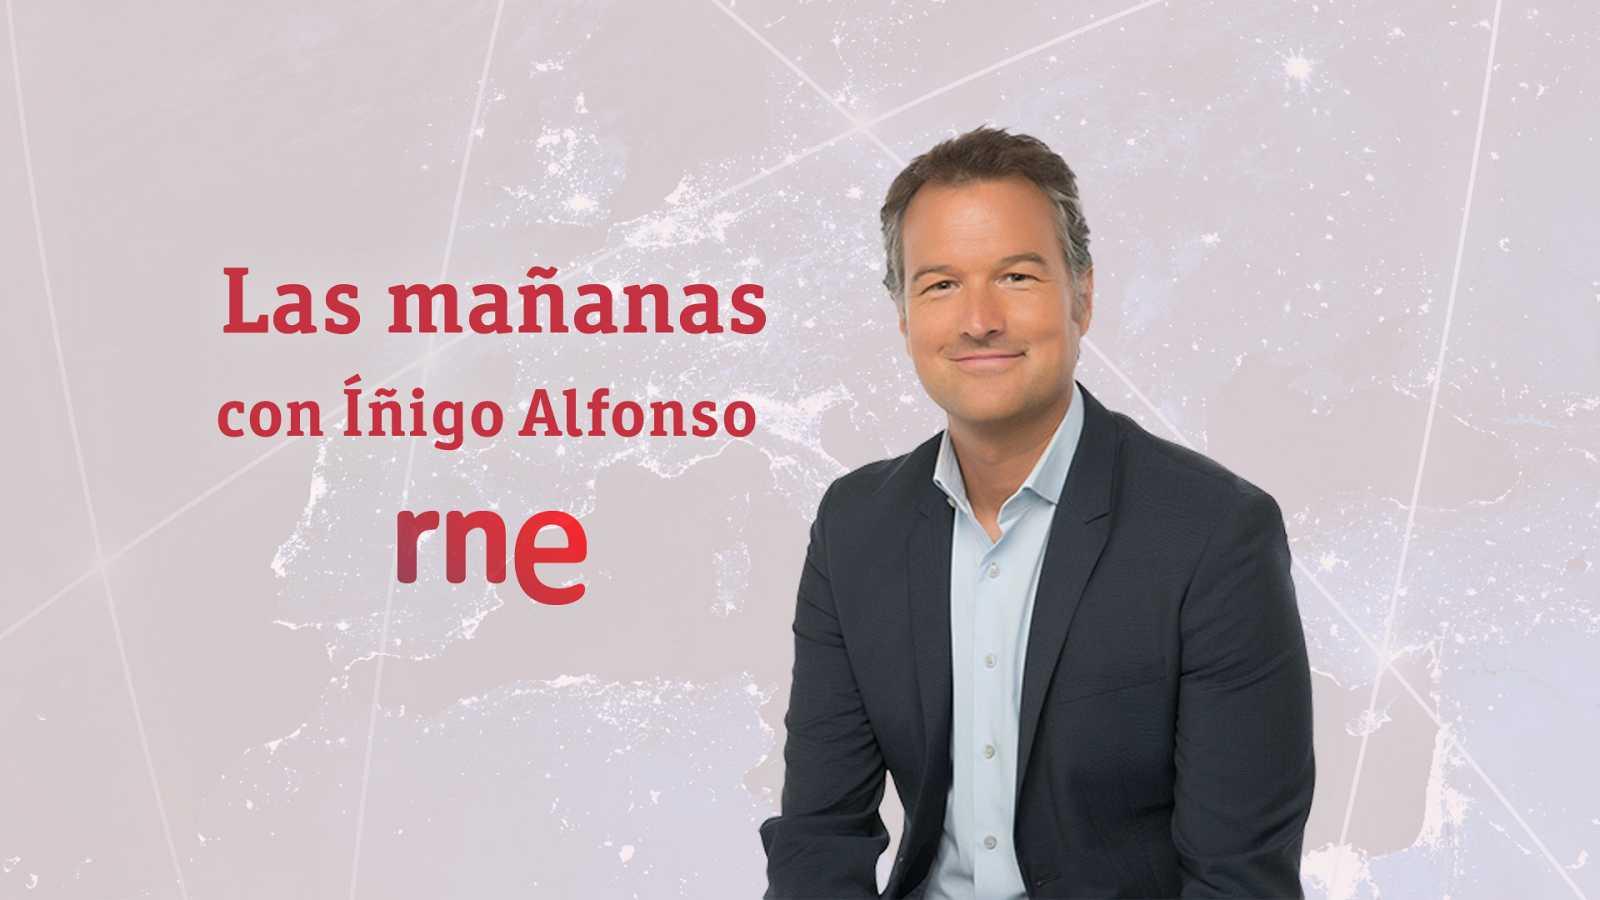 Las mañanas de RNE con Íñigo Alfonso - Segunda hora - 25/05/20 - Escuchar ahora